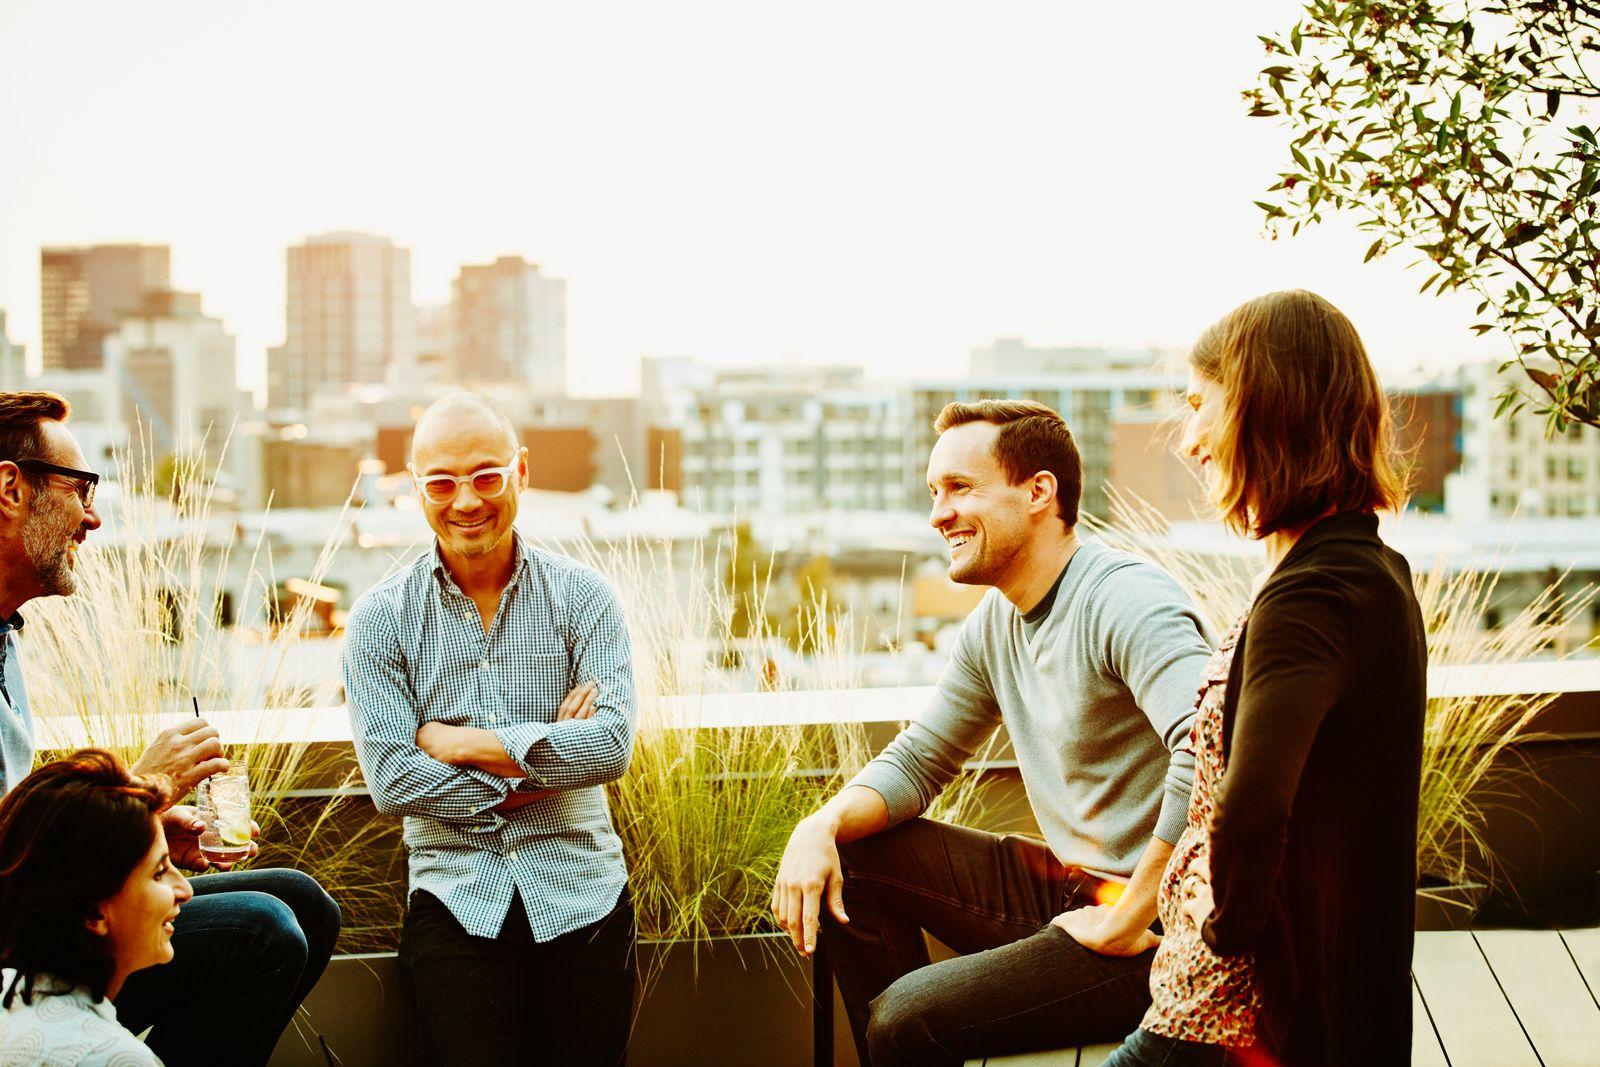 Karrierecoach / Einladung auf die Terrasse des Chefs